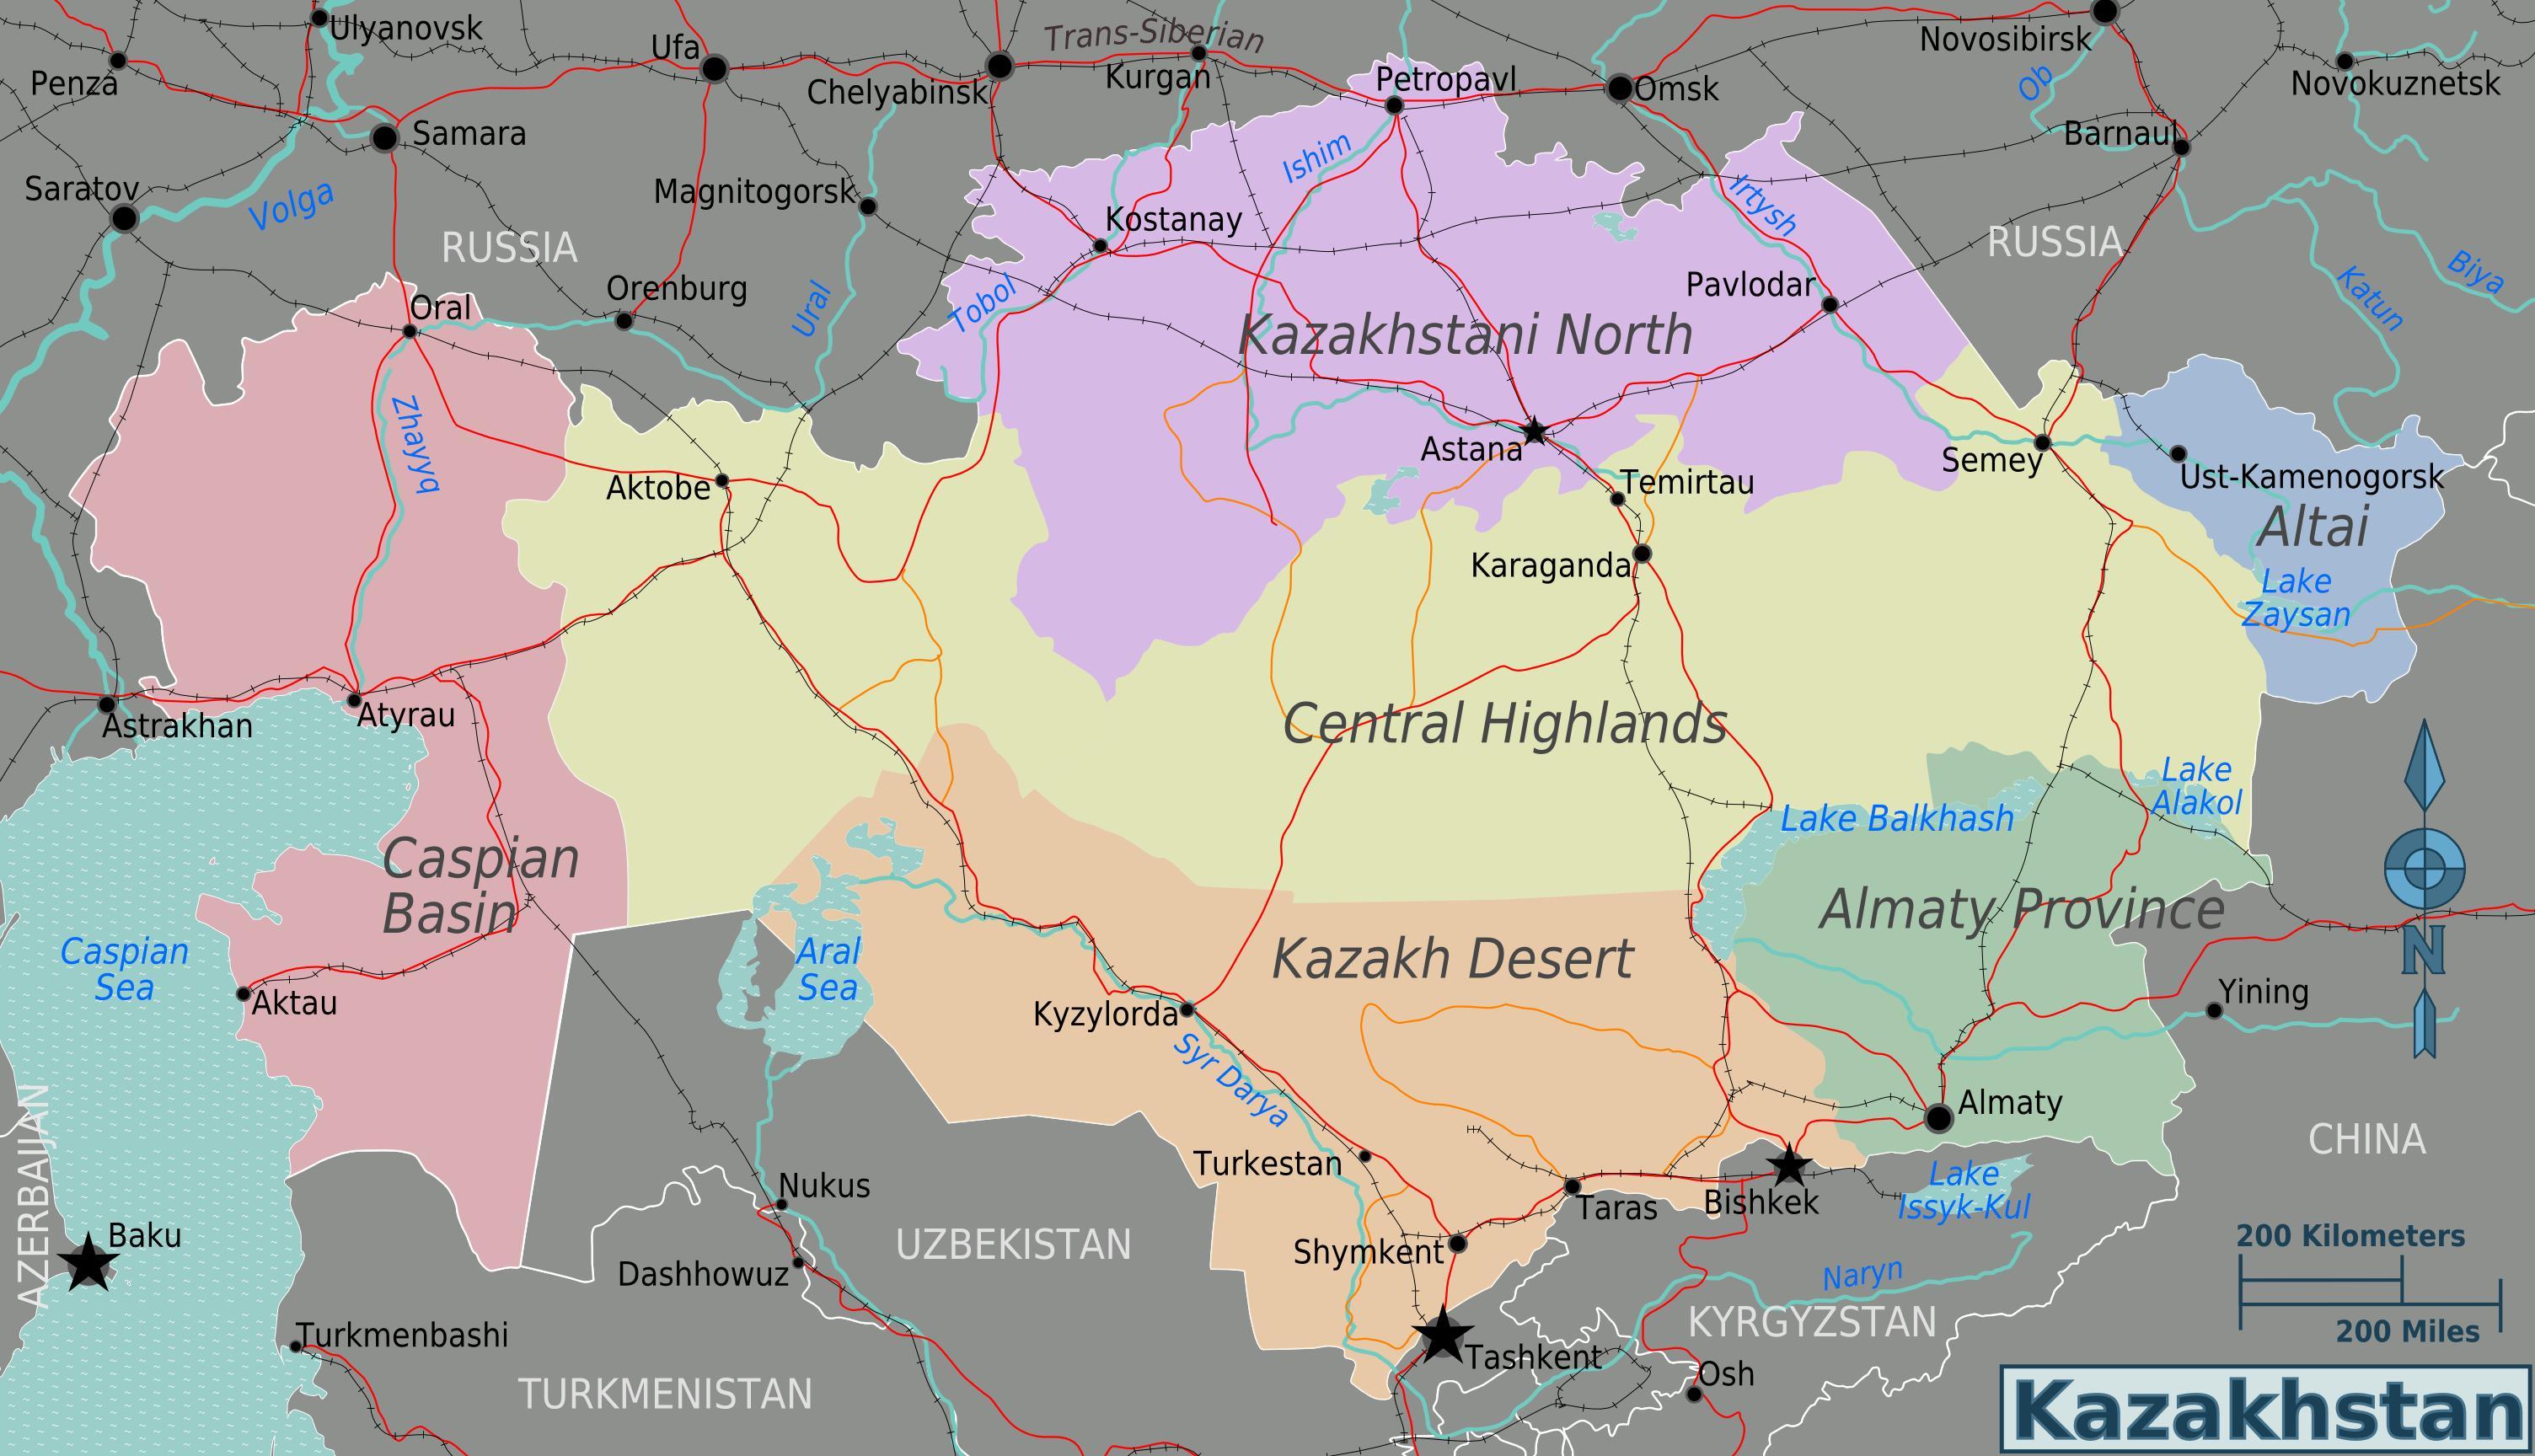 Karta Kazahstana Regije Karta Kazahstana Regije Srednja Azija